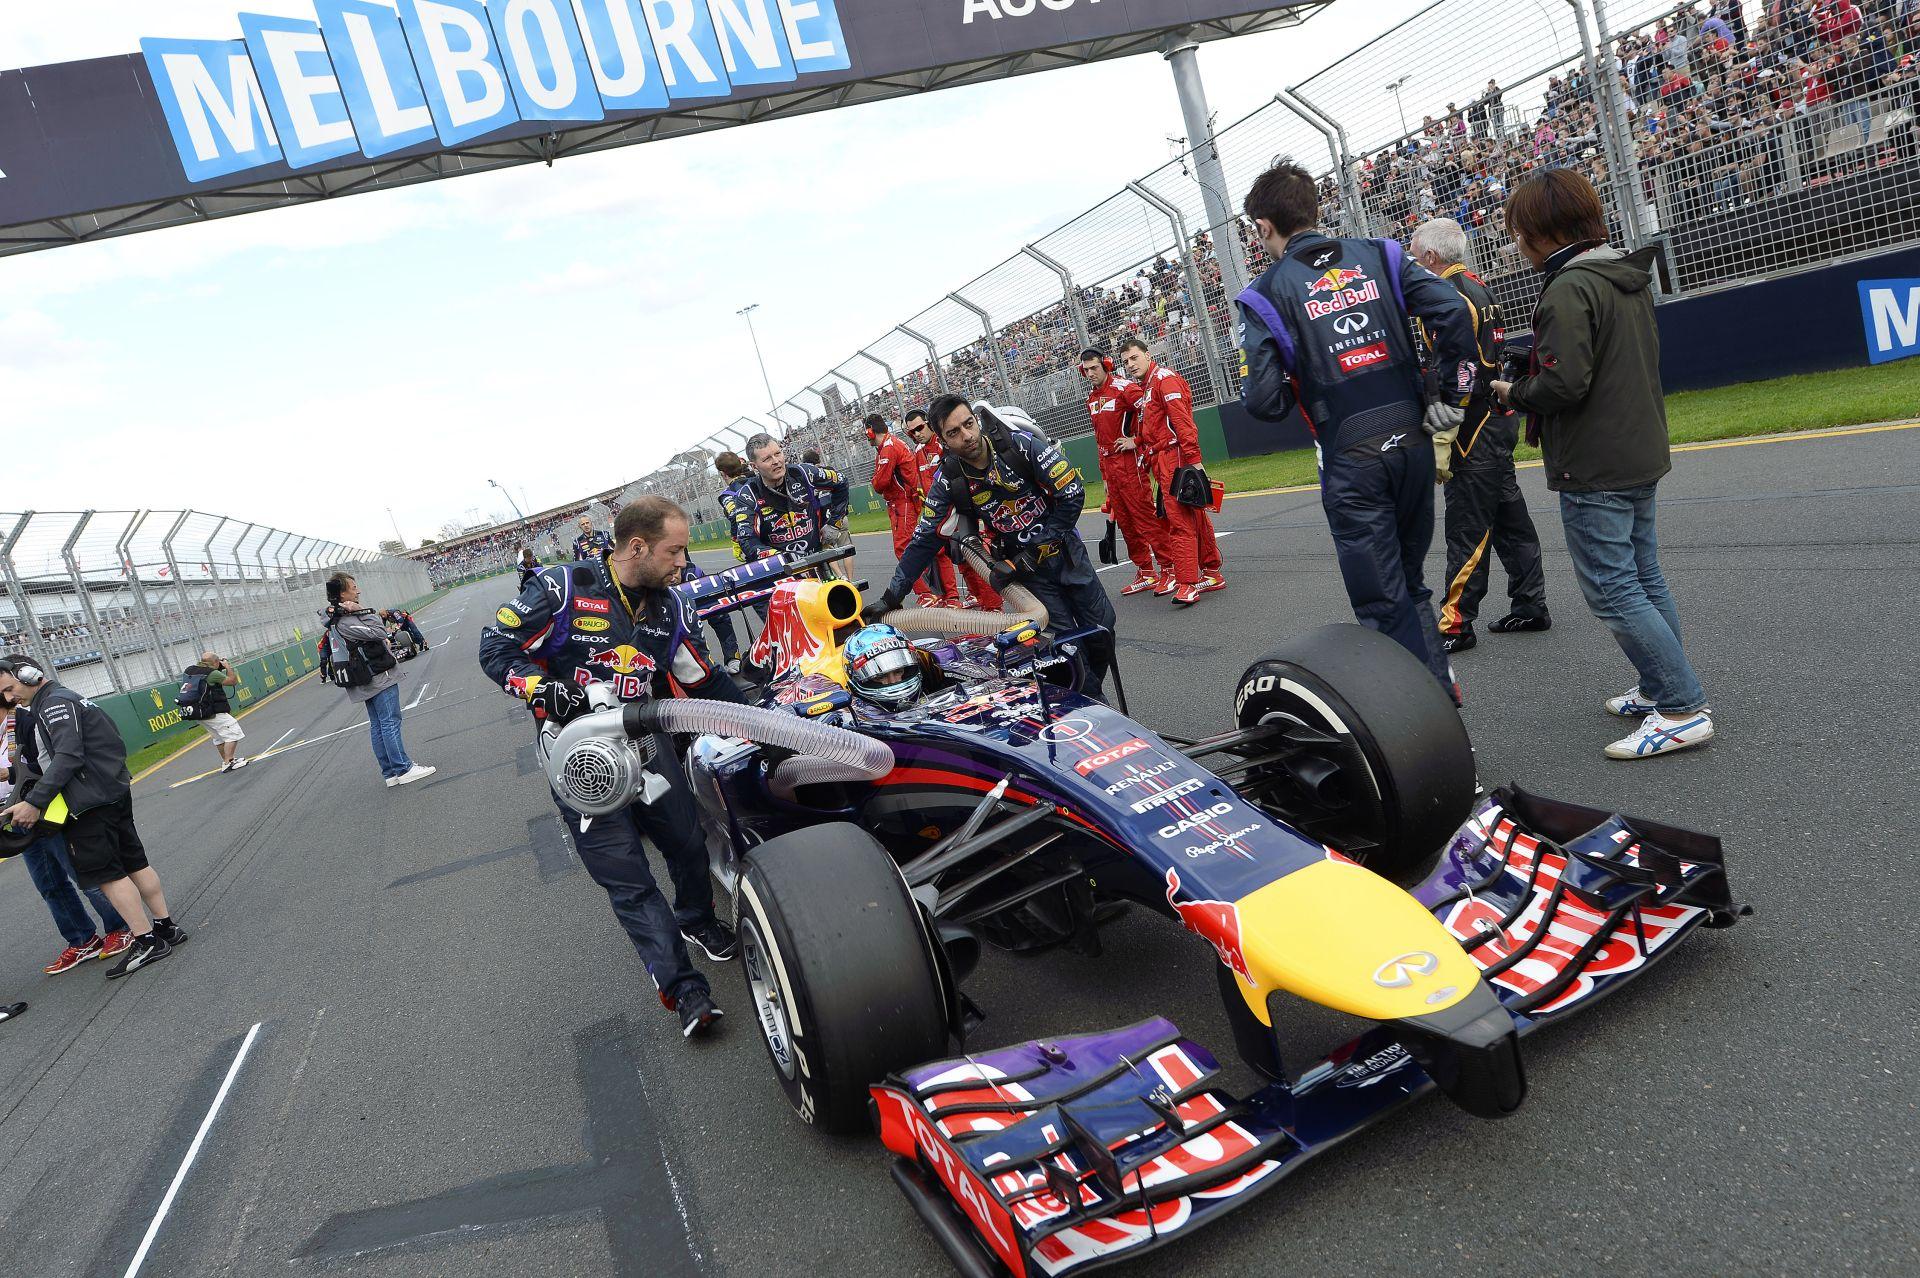 Ausztrál Nagydíj 2014: onboard összeállítások a versenyről